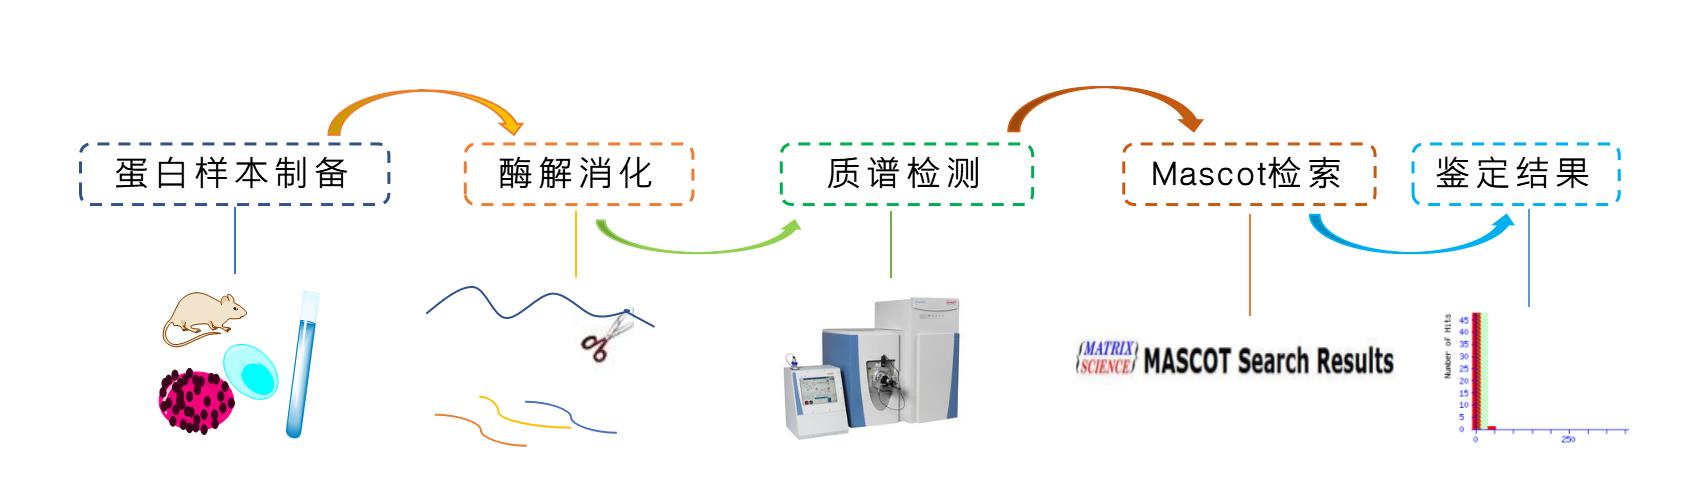 蛋白质全谱分析(Shotgun大规模蛋白质鉴定)